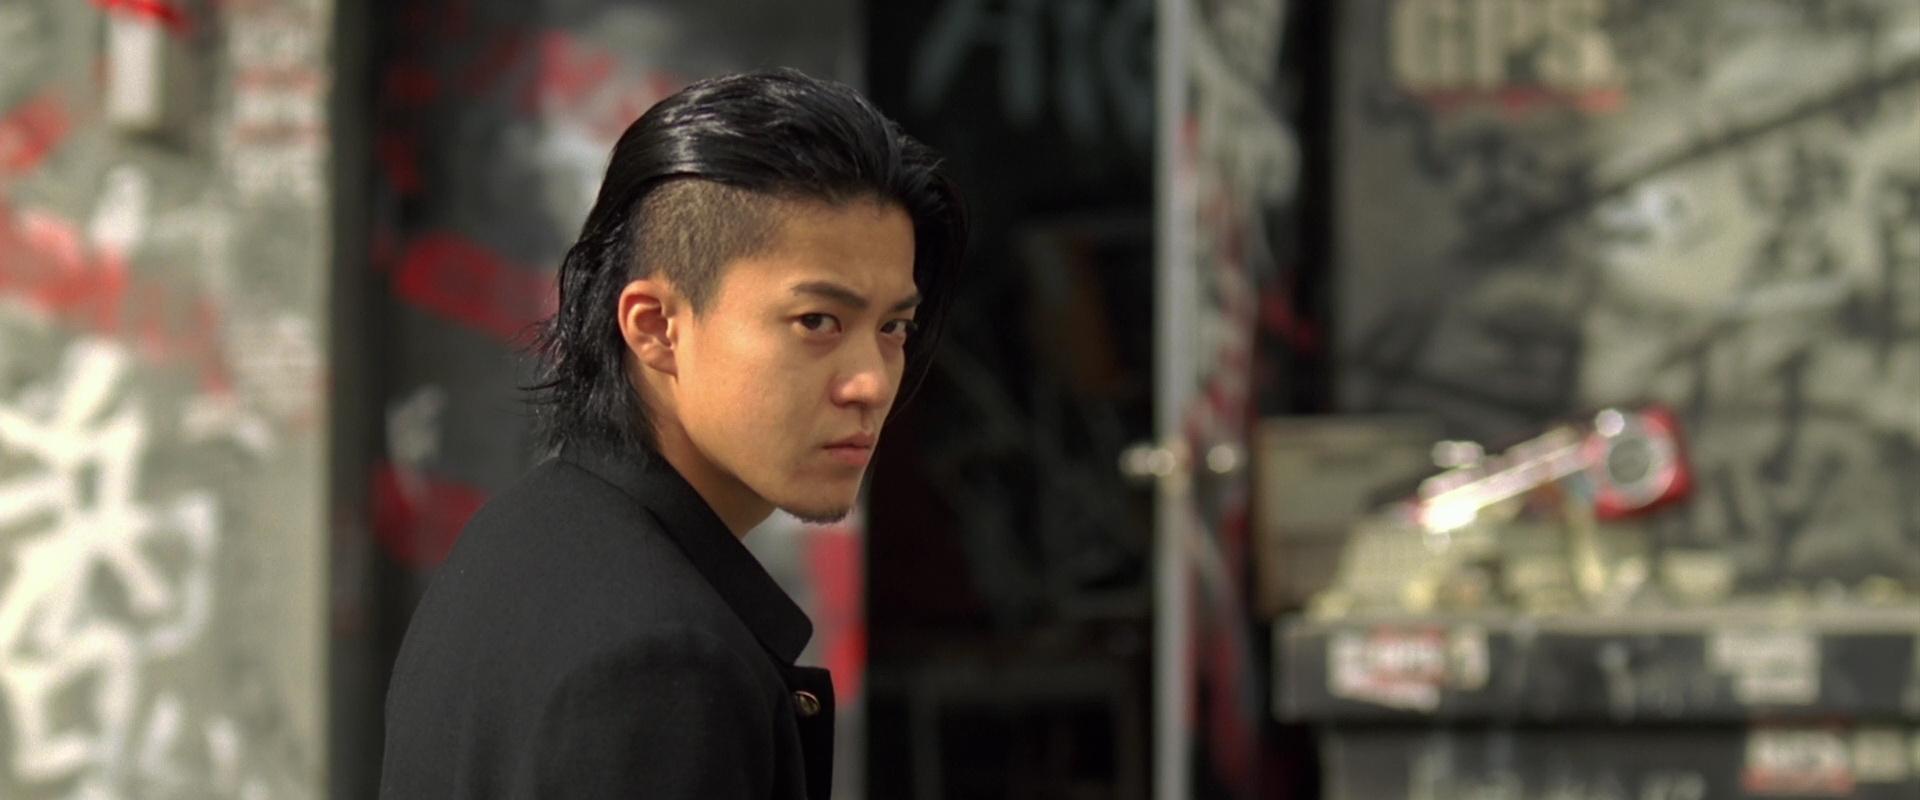 110921【问问】小栗旬在热血高校里的头发怎么整的?图片